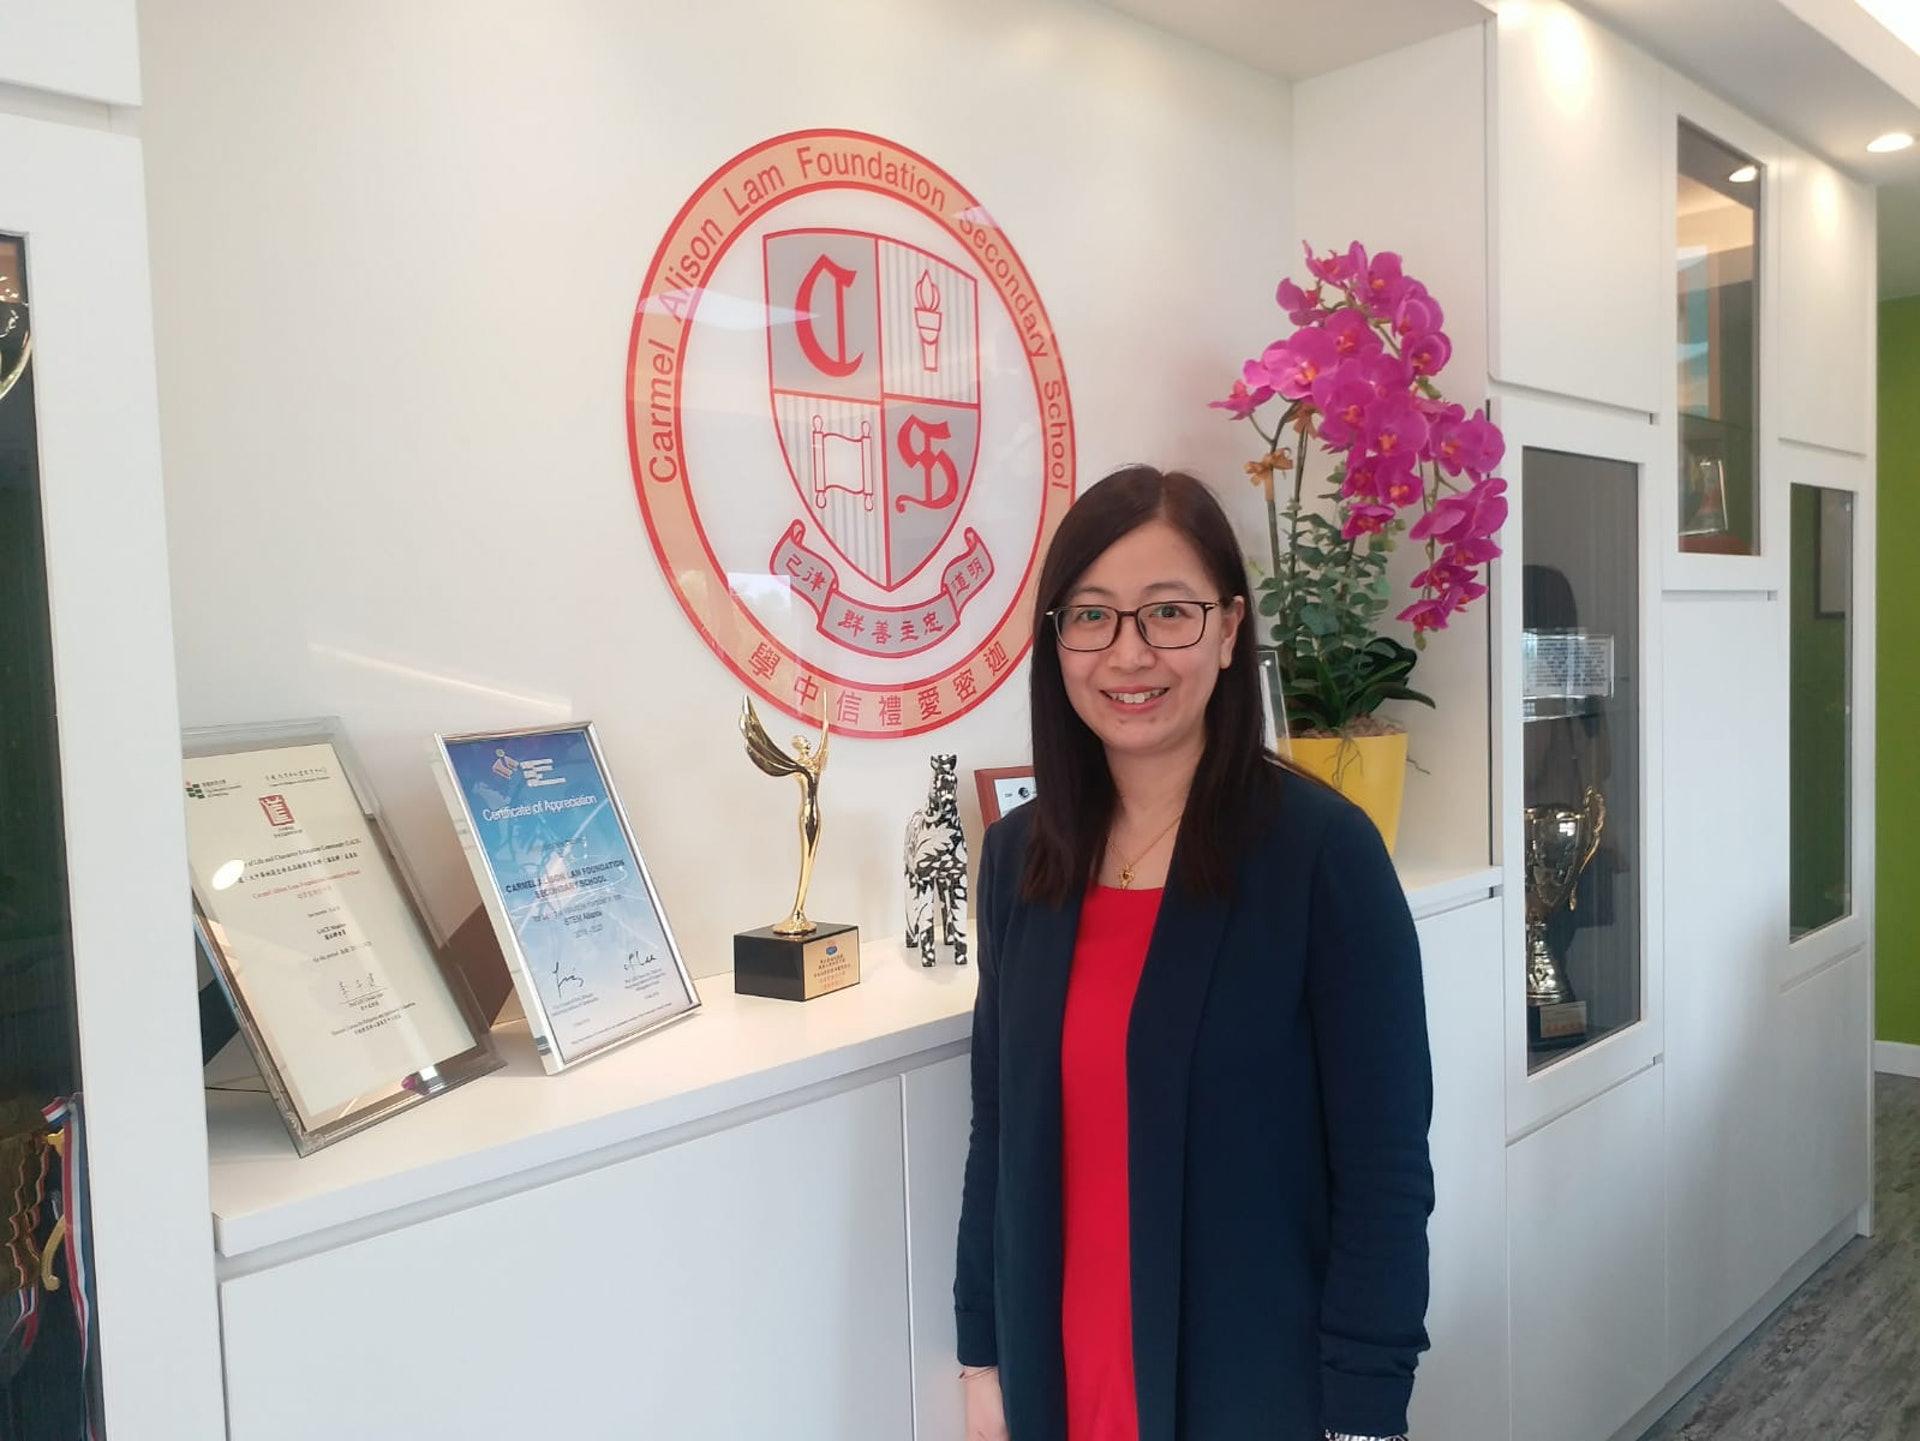 司徒美燕踏足教育界逾20年,她指老師應是學生同路人。(侯彩琳摄)